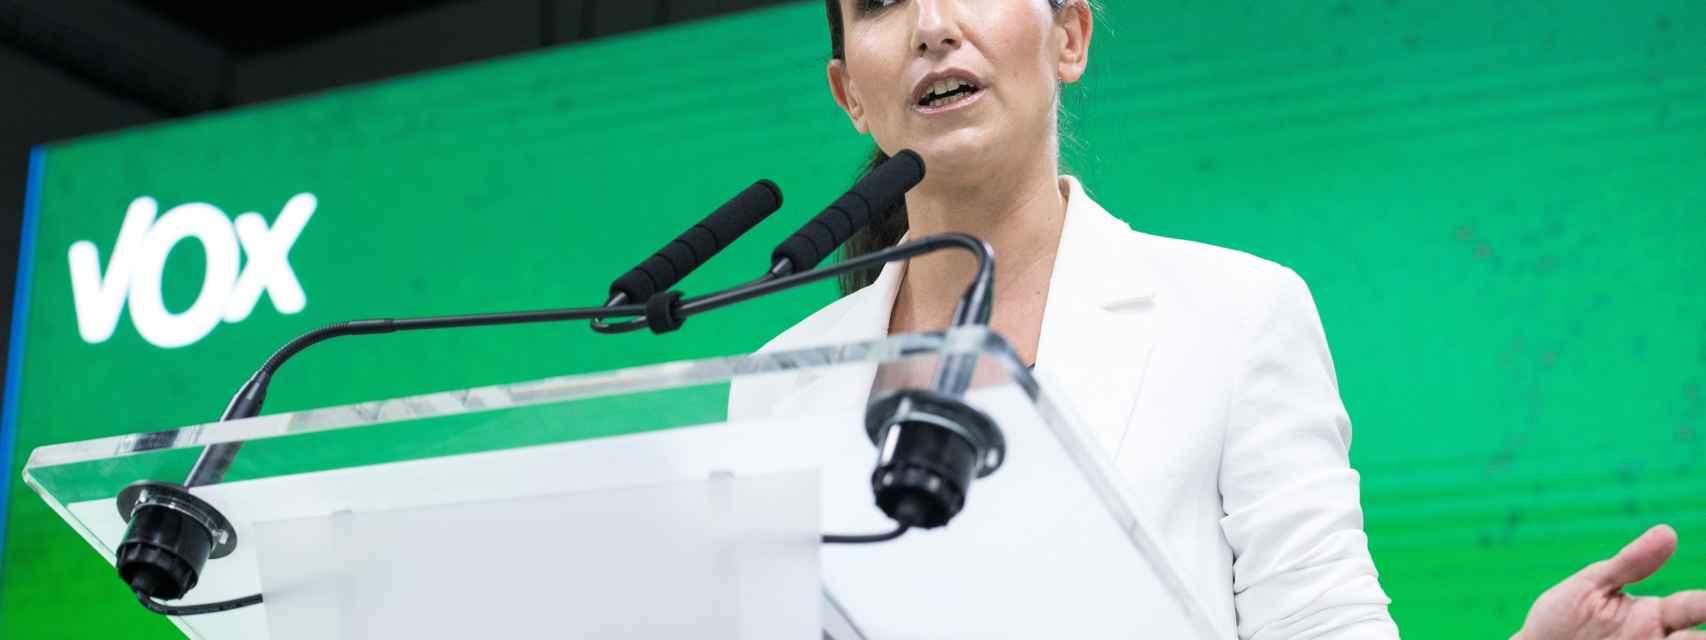 La candidata de Vox a la presidencia de la Comunidad de Madrid, Rocio Monasterio